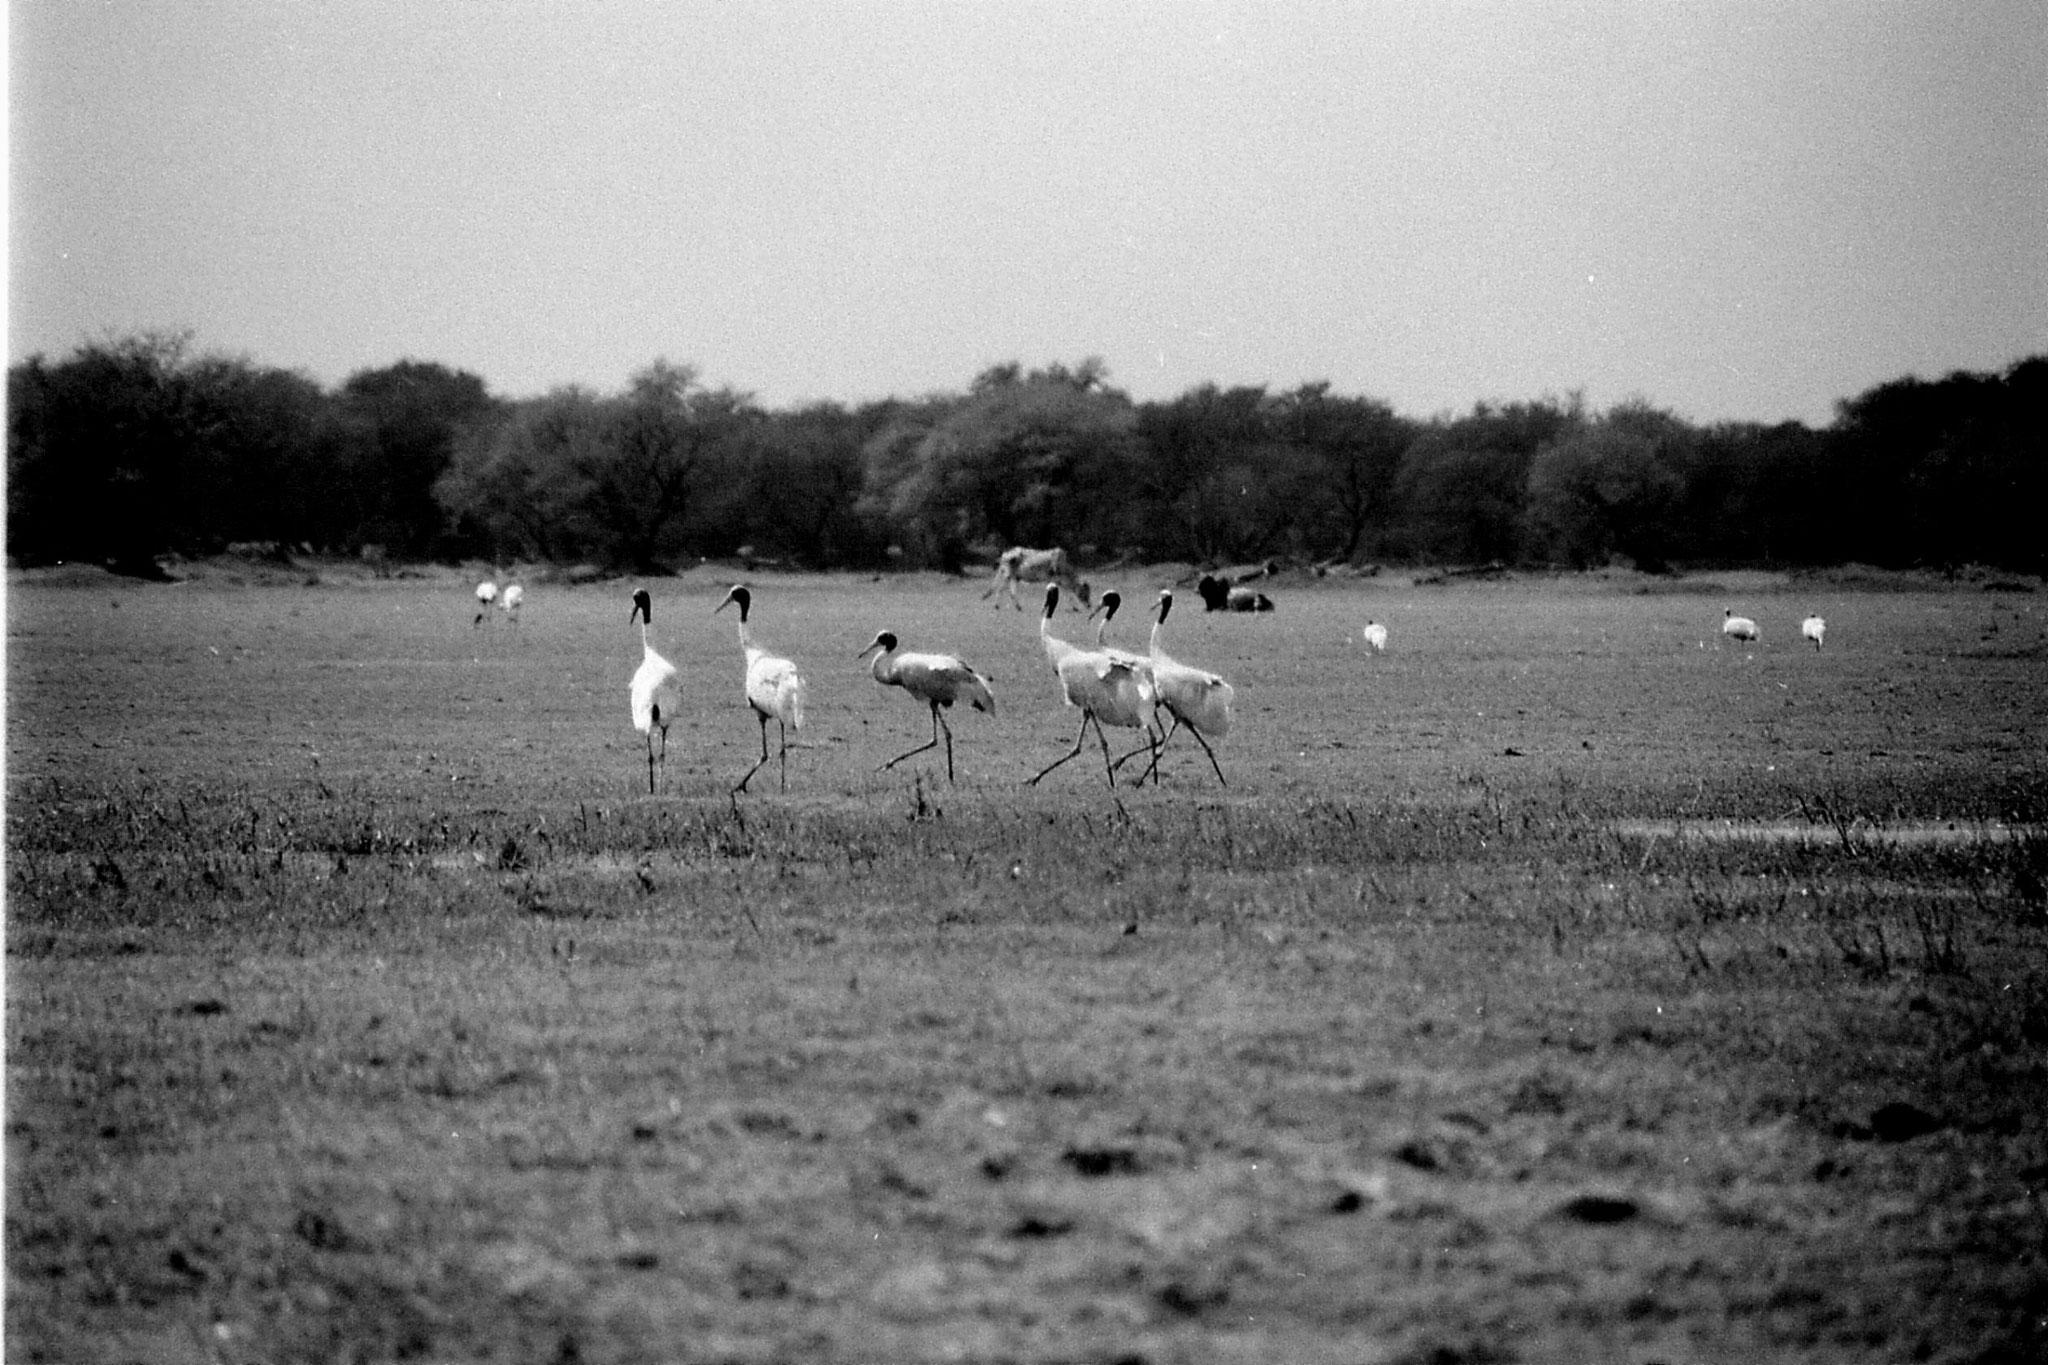 1/4/1990: 15: Bharatpur Sarus cranes dancing